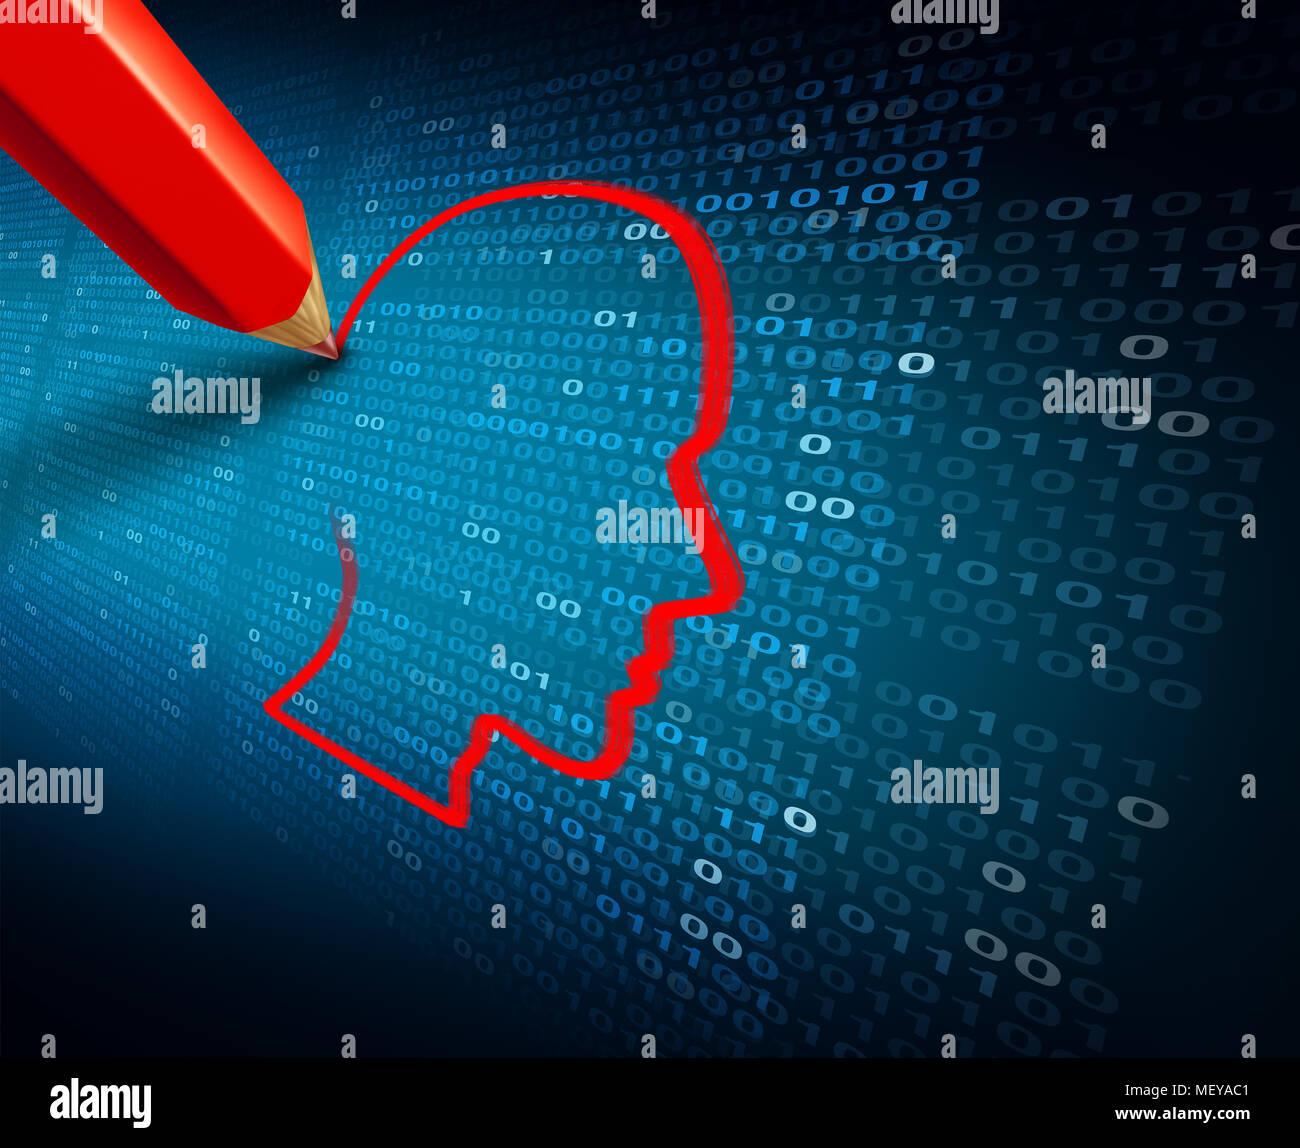 Il phishing e i dati privati hack e di rubare informazioni personali come un come la criminalità informatica o cyber crime social media concetto di sicurezza. Immagini Stock